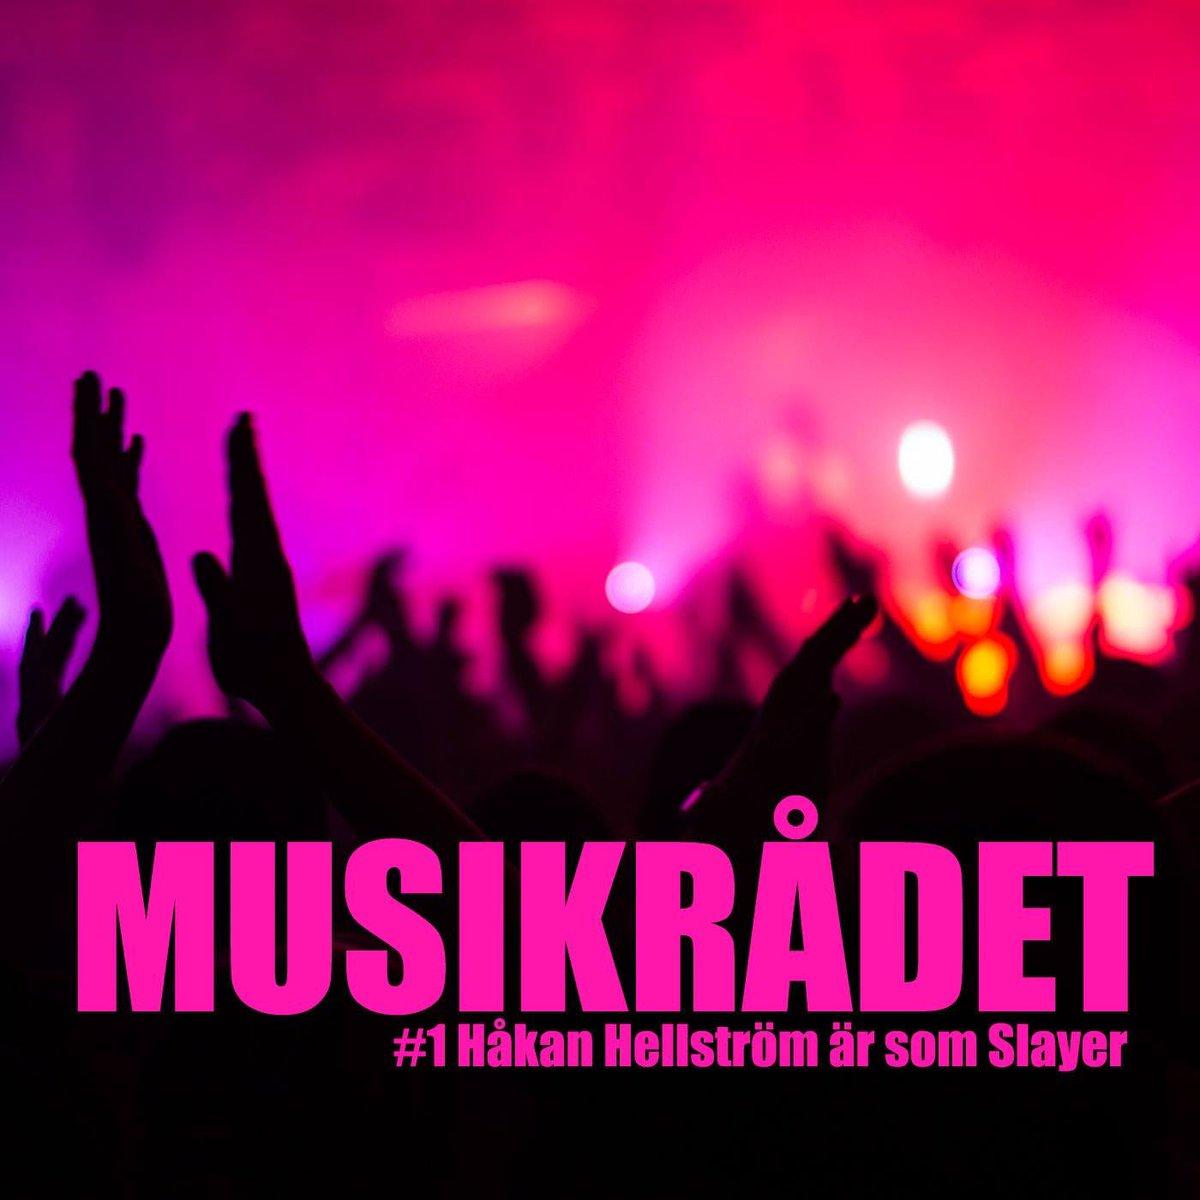 #1 Håkan Hellström är som Slayer Jungfrufärden! Musikrådet rådslår för första gången och bjuder på ett passionerat samtal om musik. Hörs på Spotify, i Podcaster-appen eller på Drefvet drefvet.se/1-hakan-hellst…